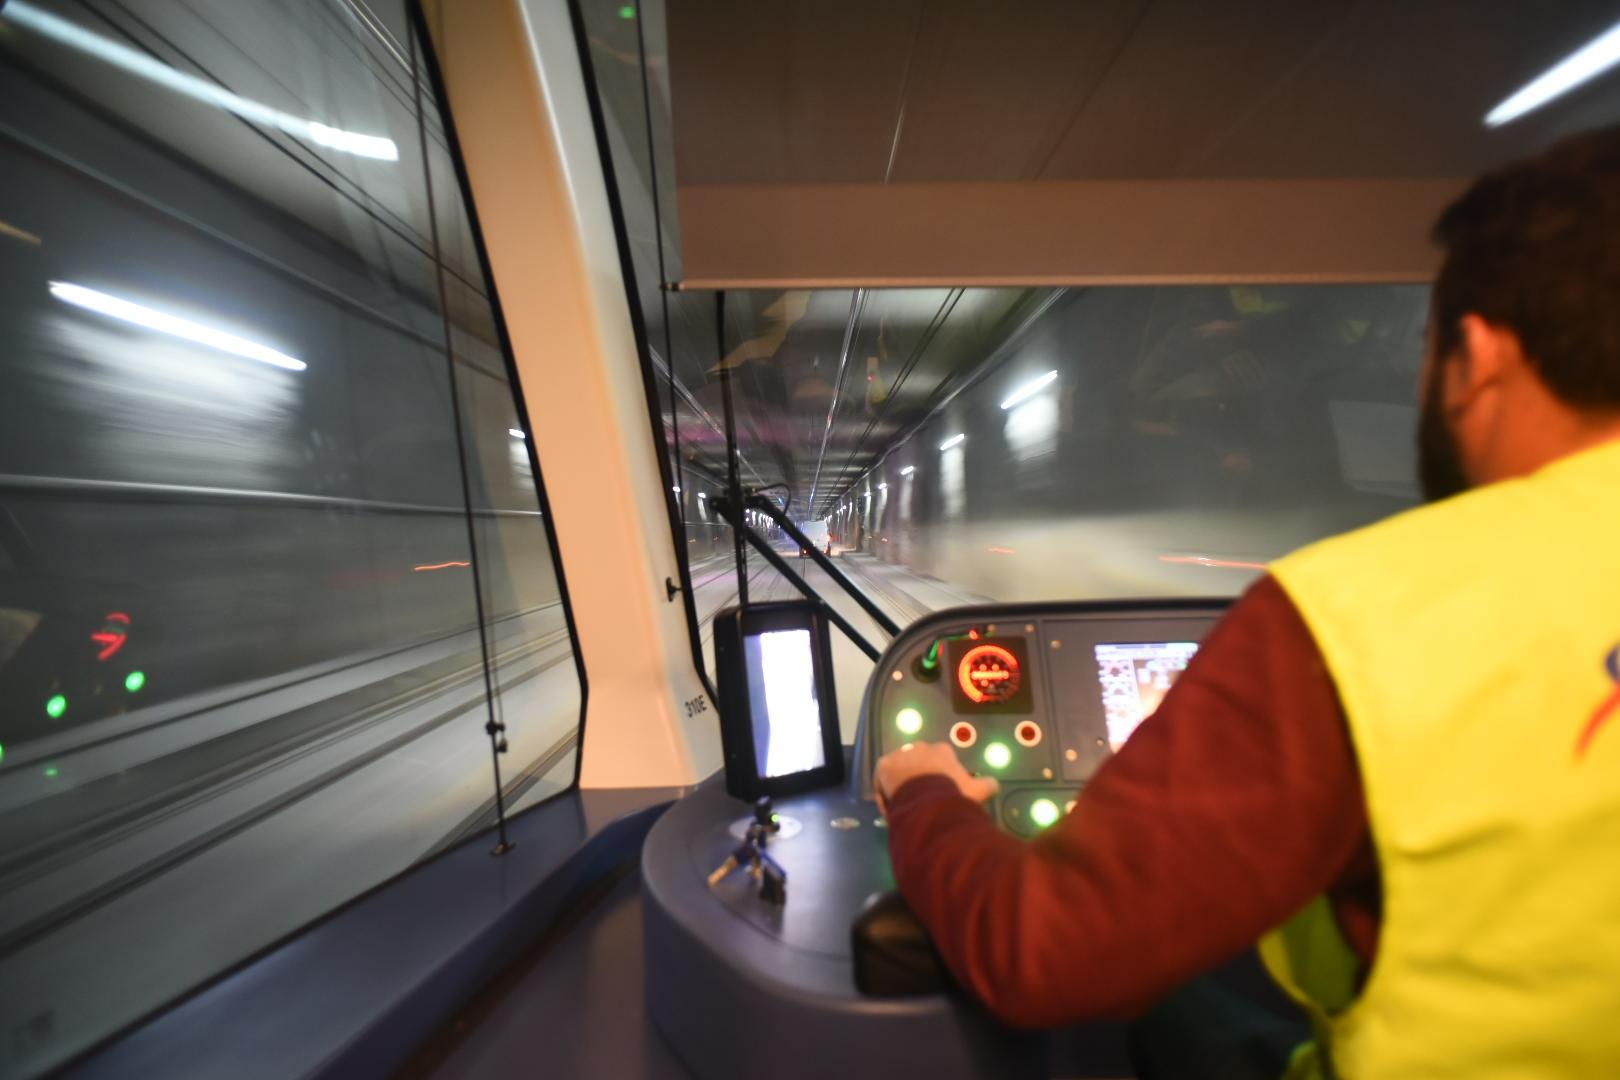 El metro de Granada se pone en servicio mañana con la previsión de transportar 30.000 viajeros diarios